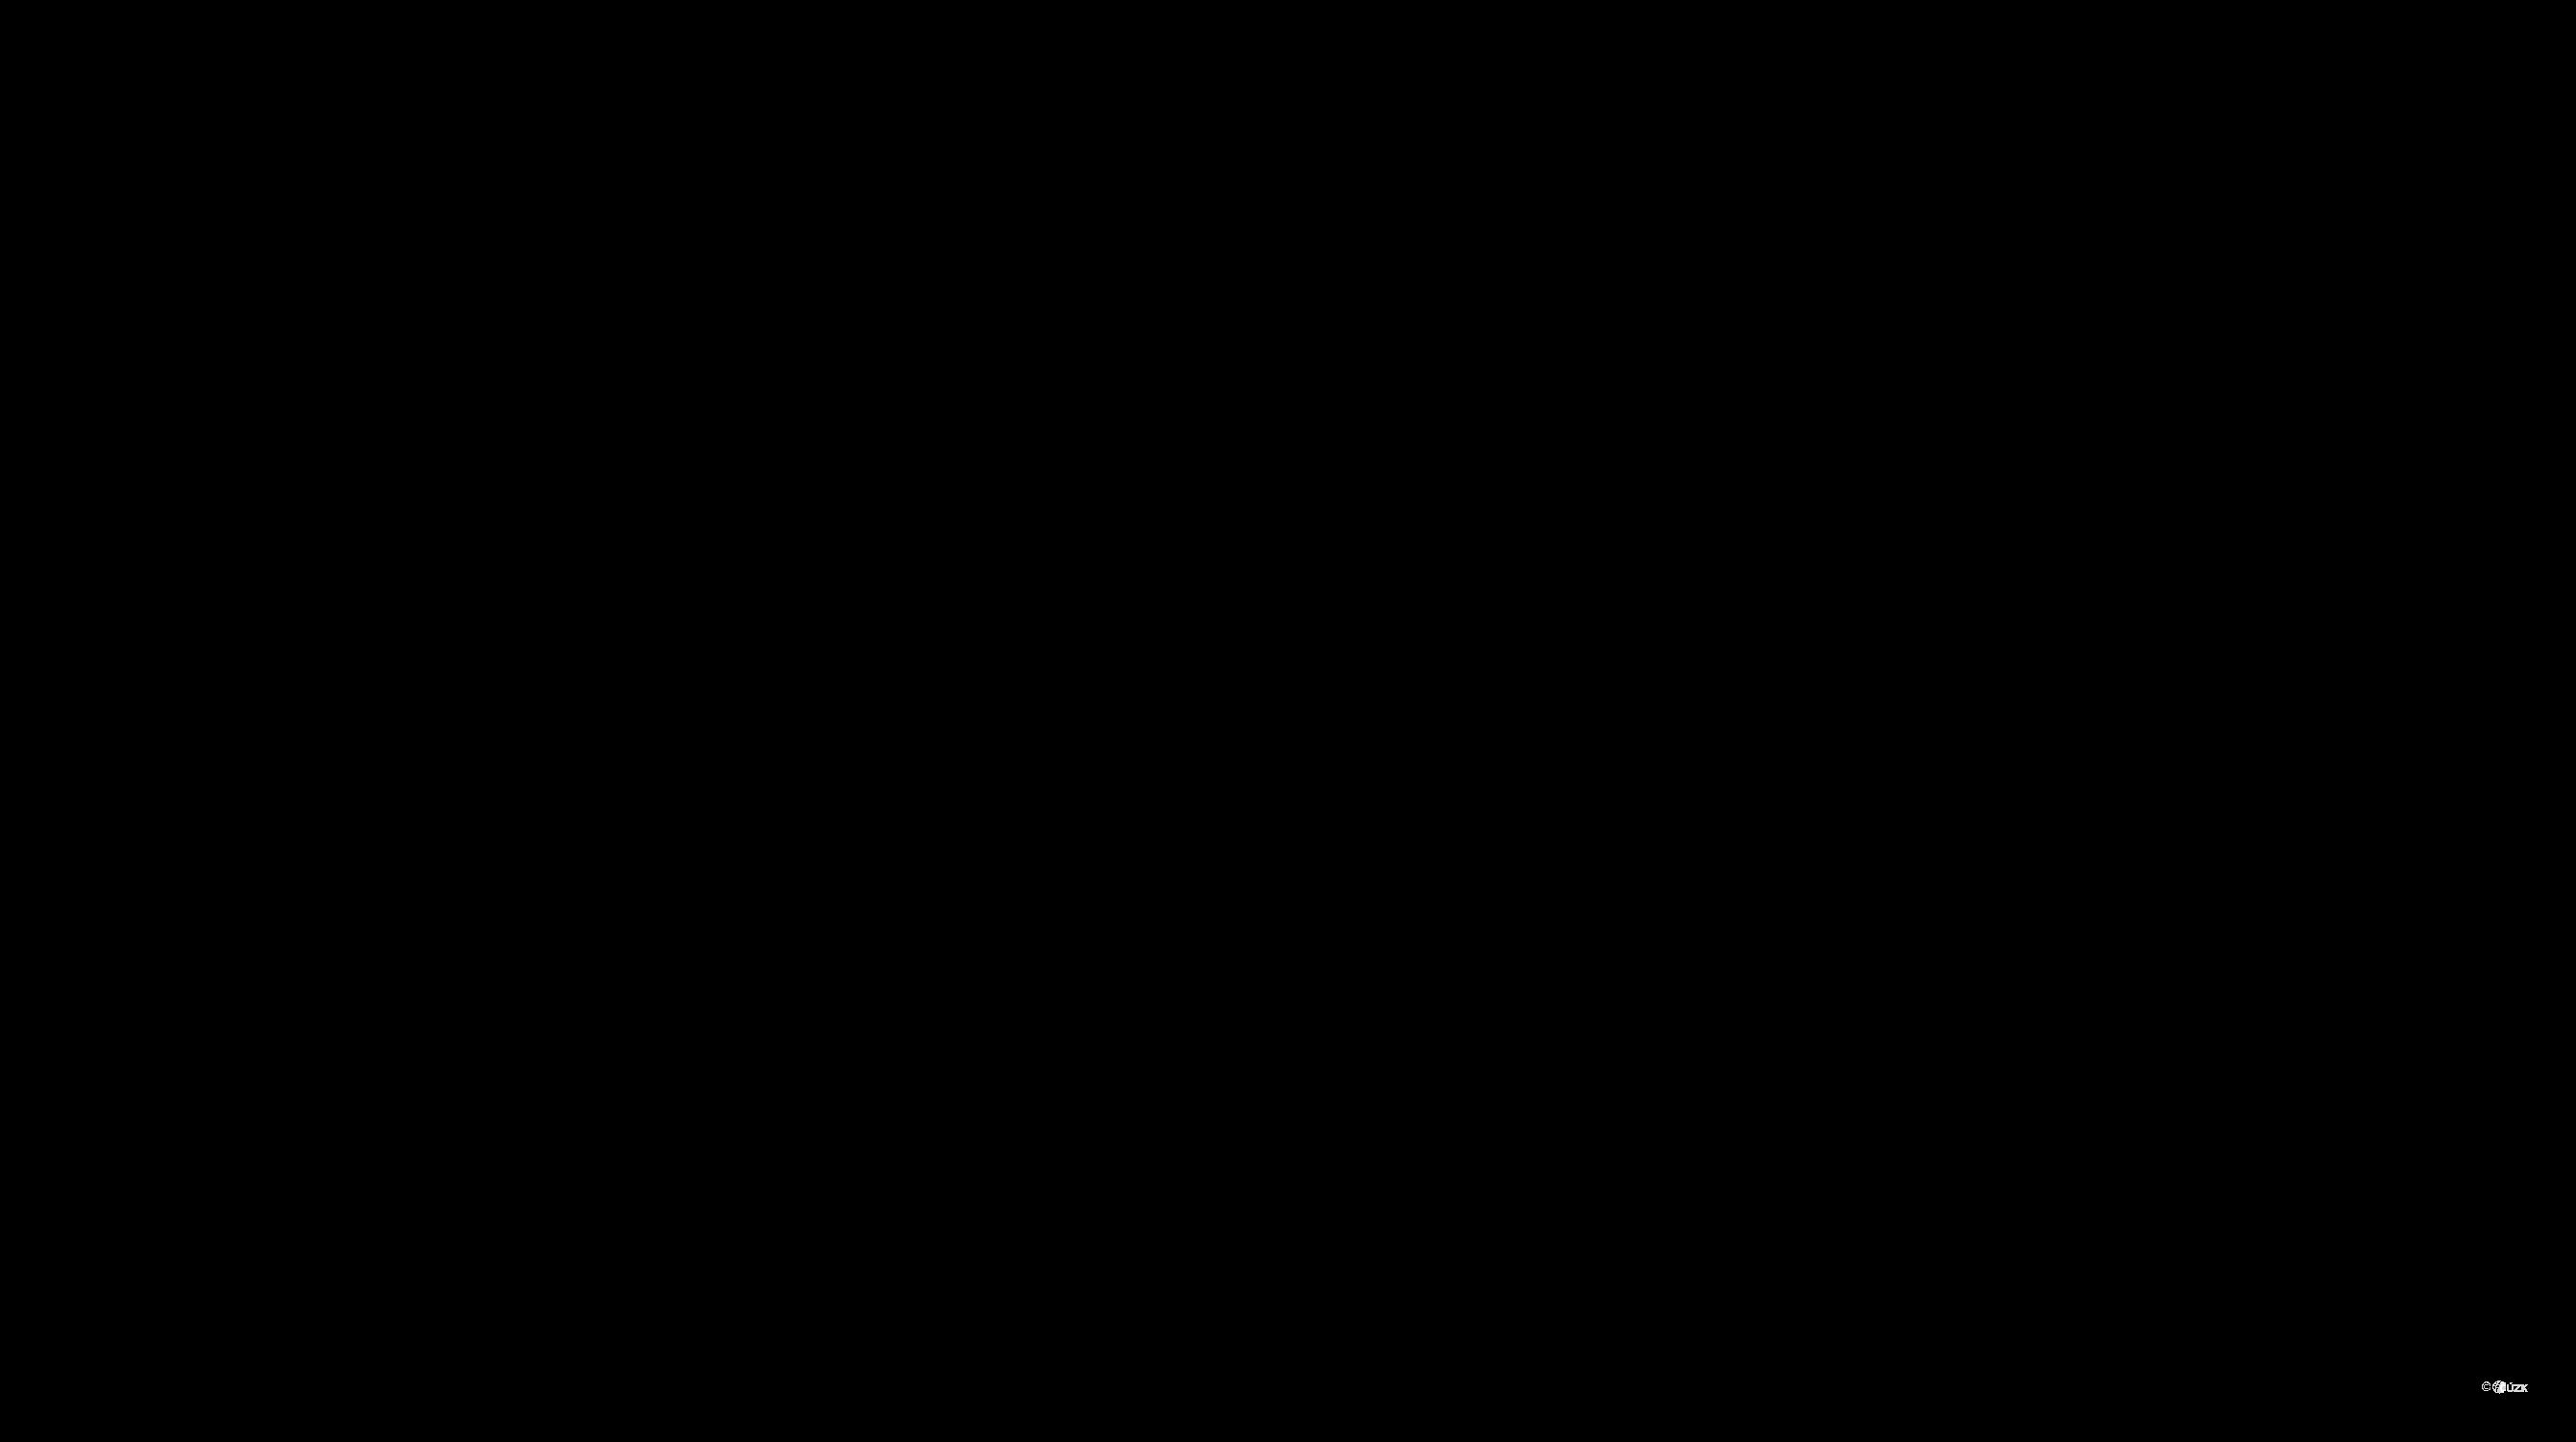 Katastrální mapa pozemků a čísla parcel Janušov